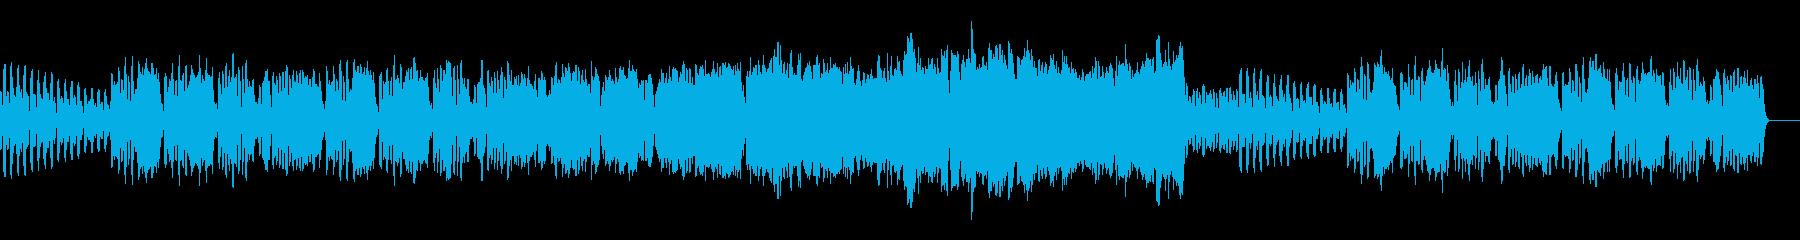 ほのぼのとしたトランペットのBGMの再生済みの波形